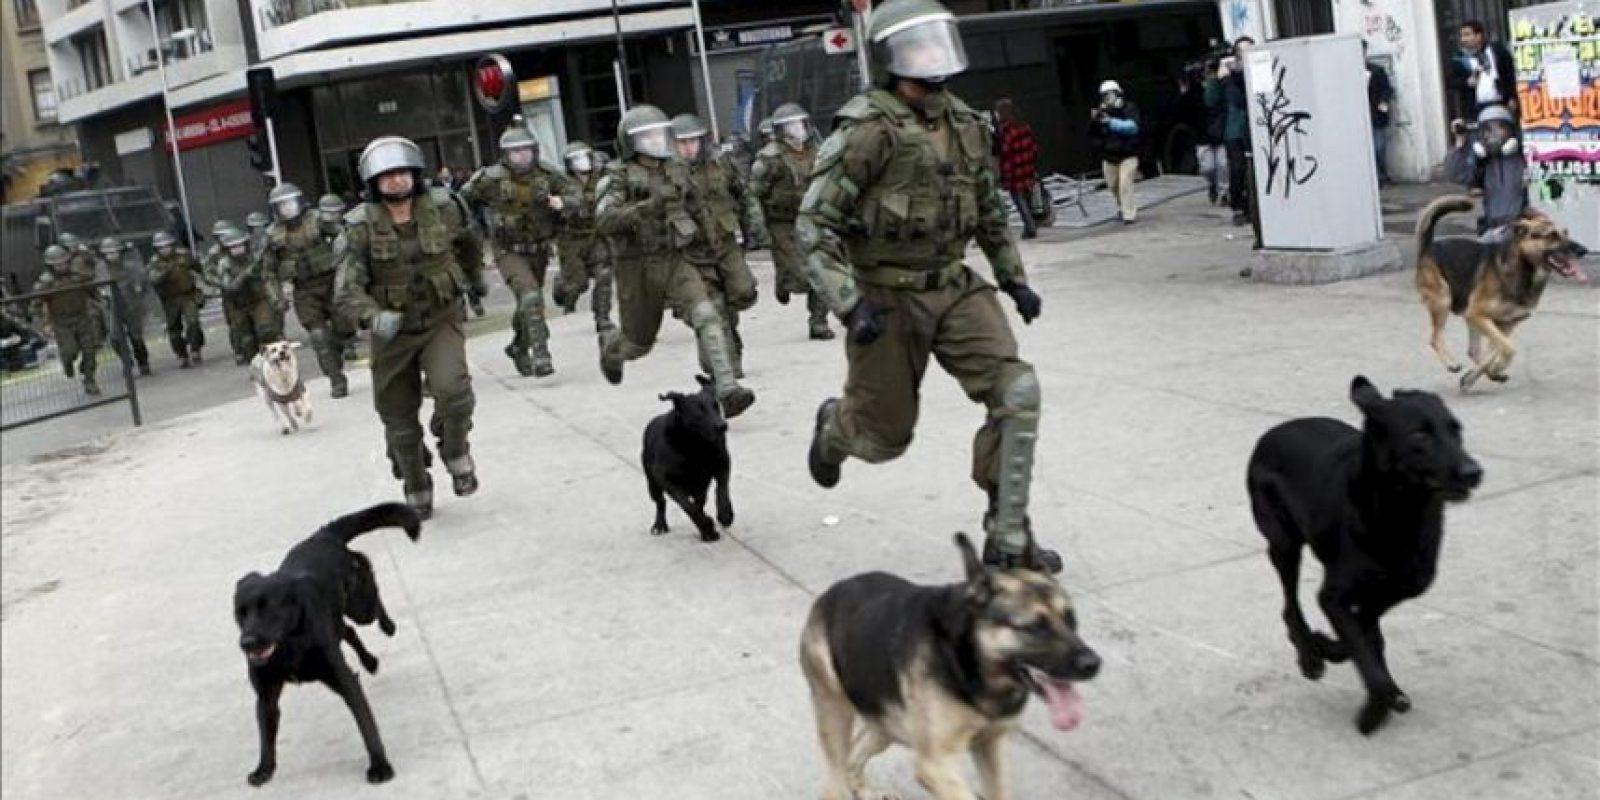 Un grupo de carabineros corre hacia el lugar de concentración de varios manifestantes, este 20 de junio, durante los incidentes que se presentaron en las calles de Santiago de Chile. EFE